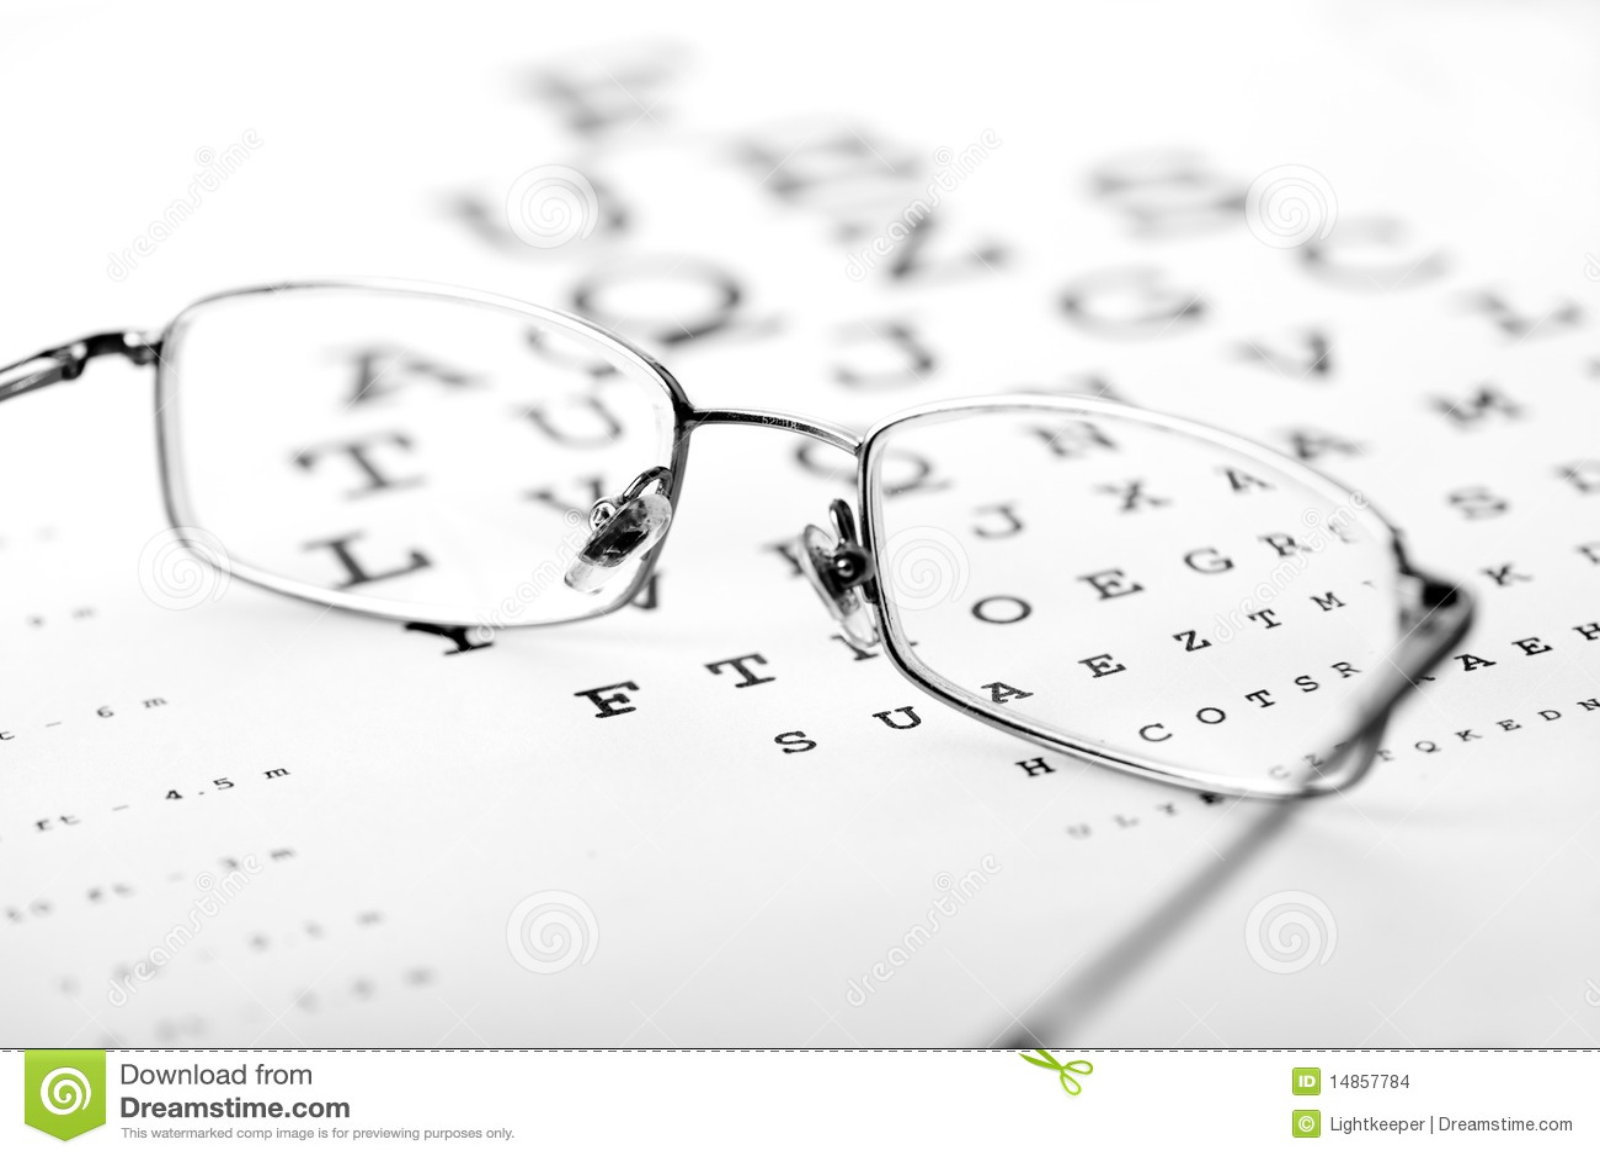 Medical optics concept